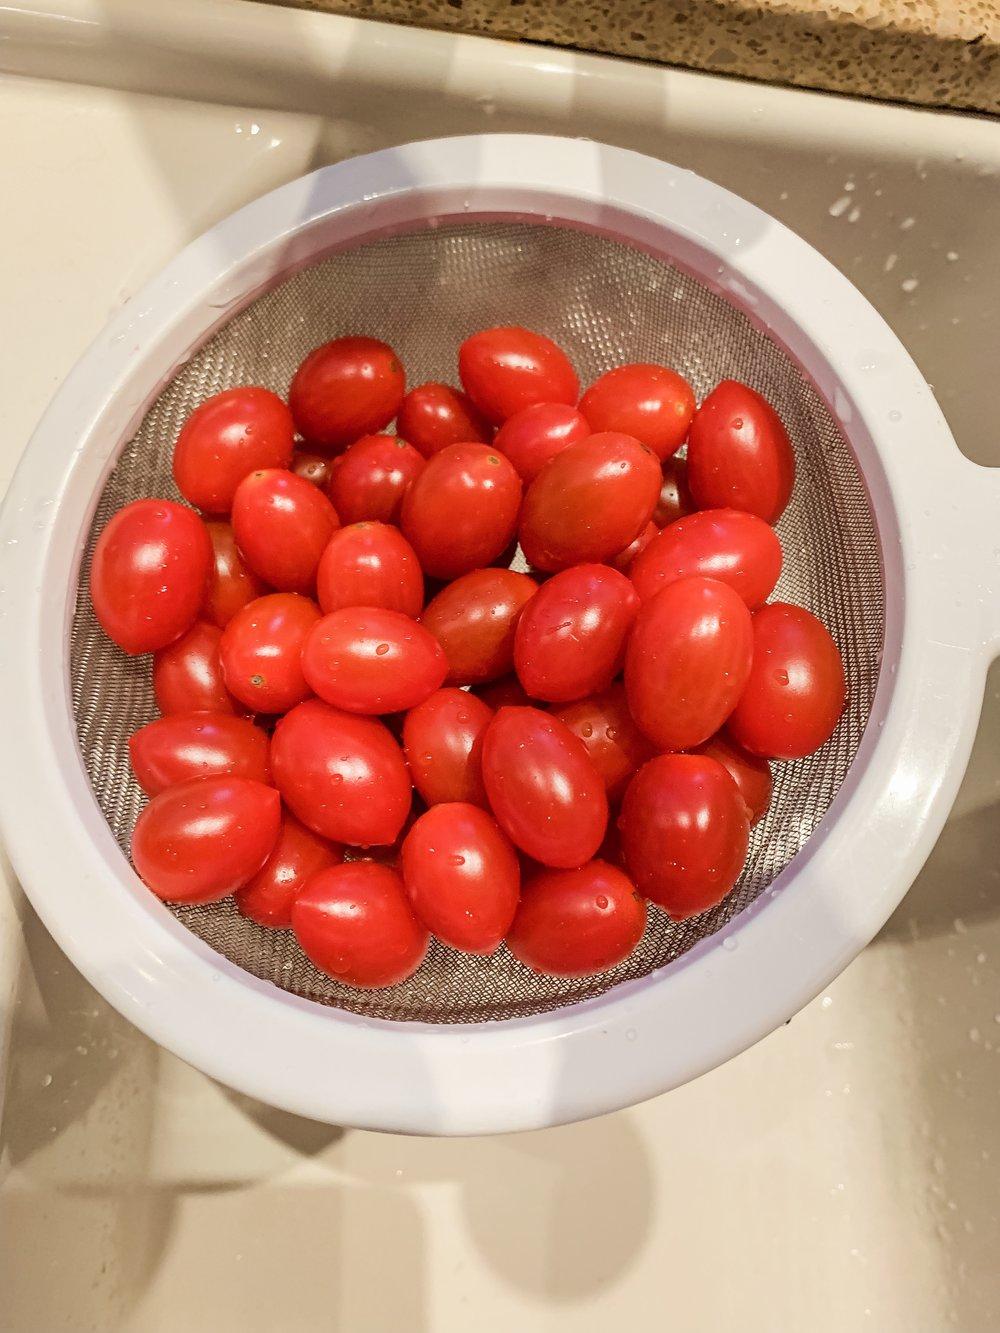 Step 3 - Wash tomatoes